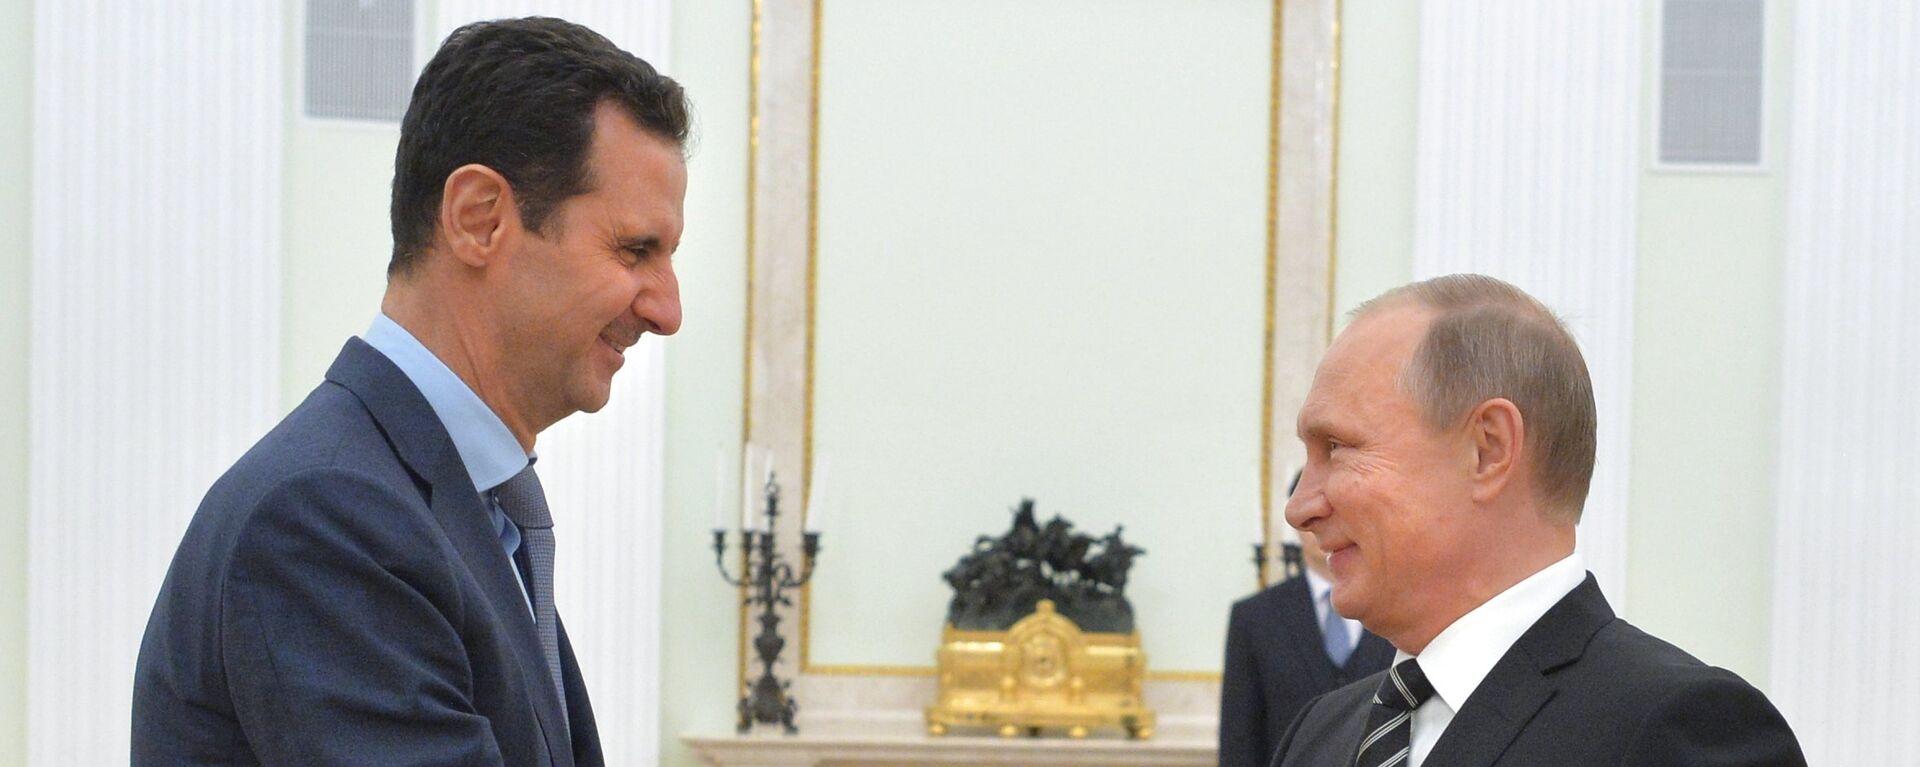 Президент России В.Путин встретился с президентом Сирии Б.Асадом - Sputnik Тоҷикистон, 1920, 14.09.2021